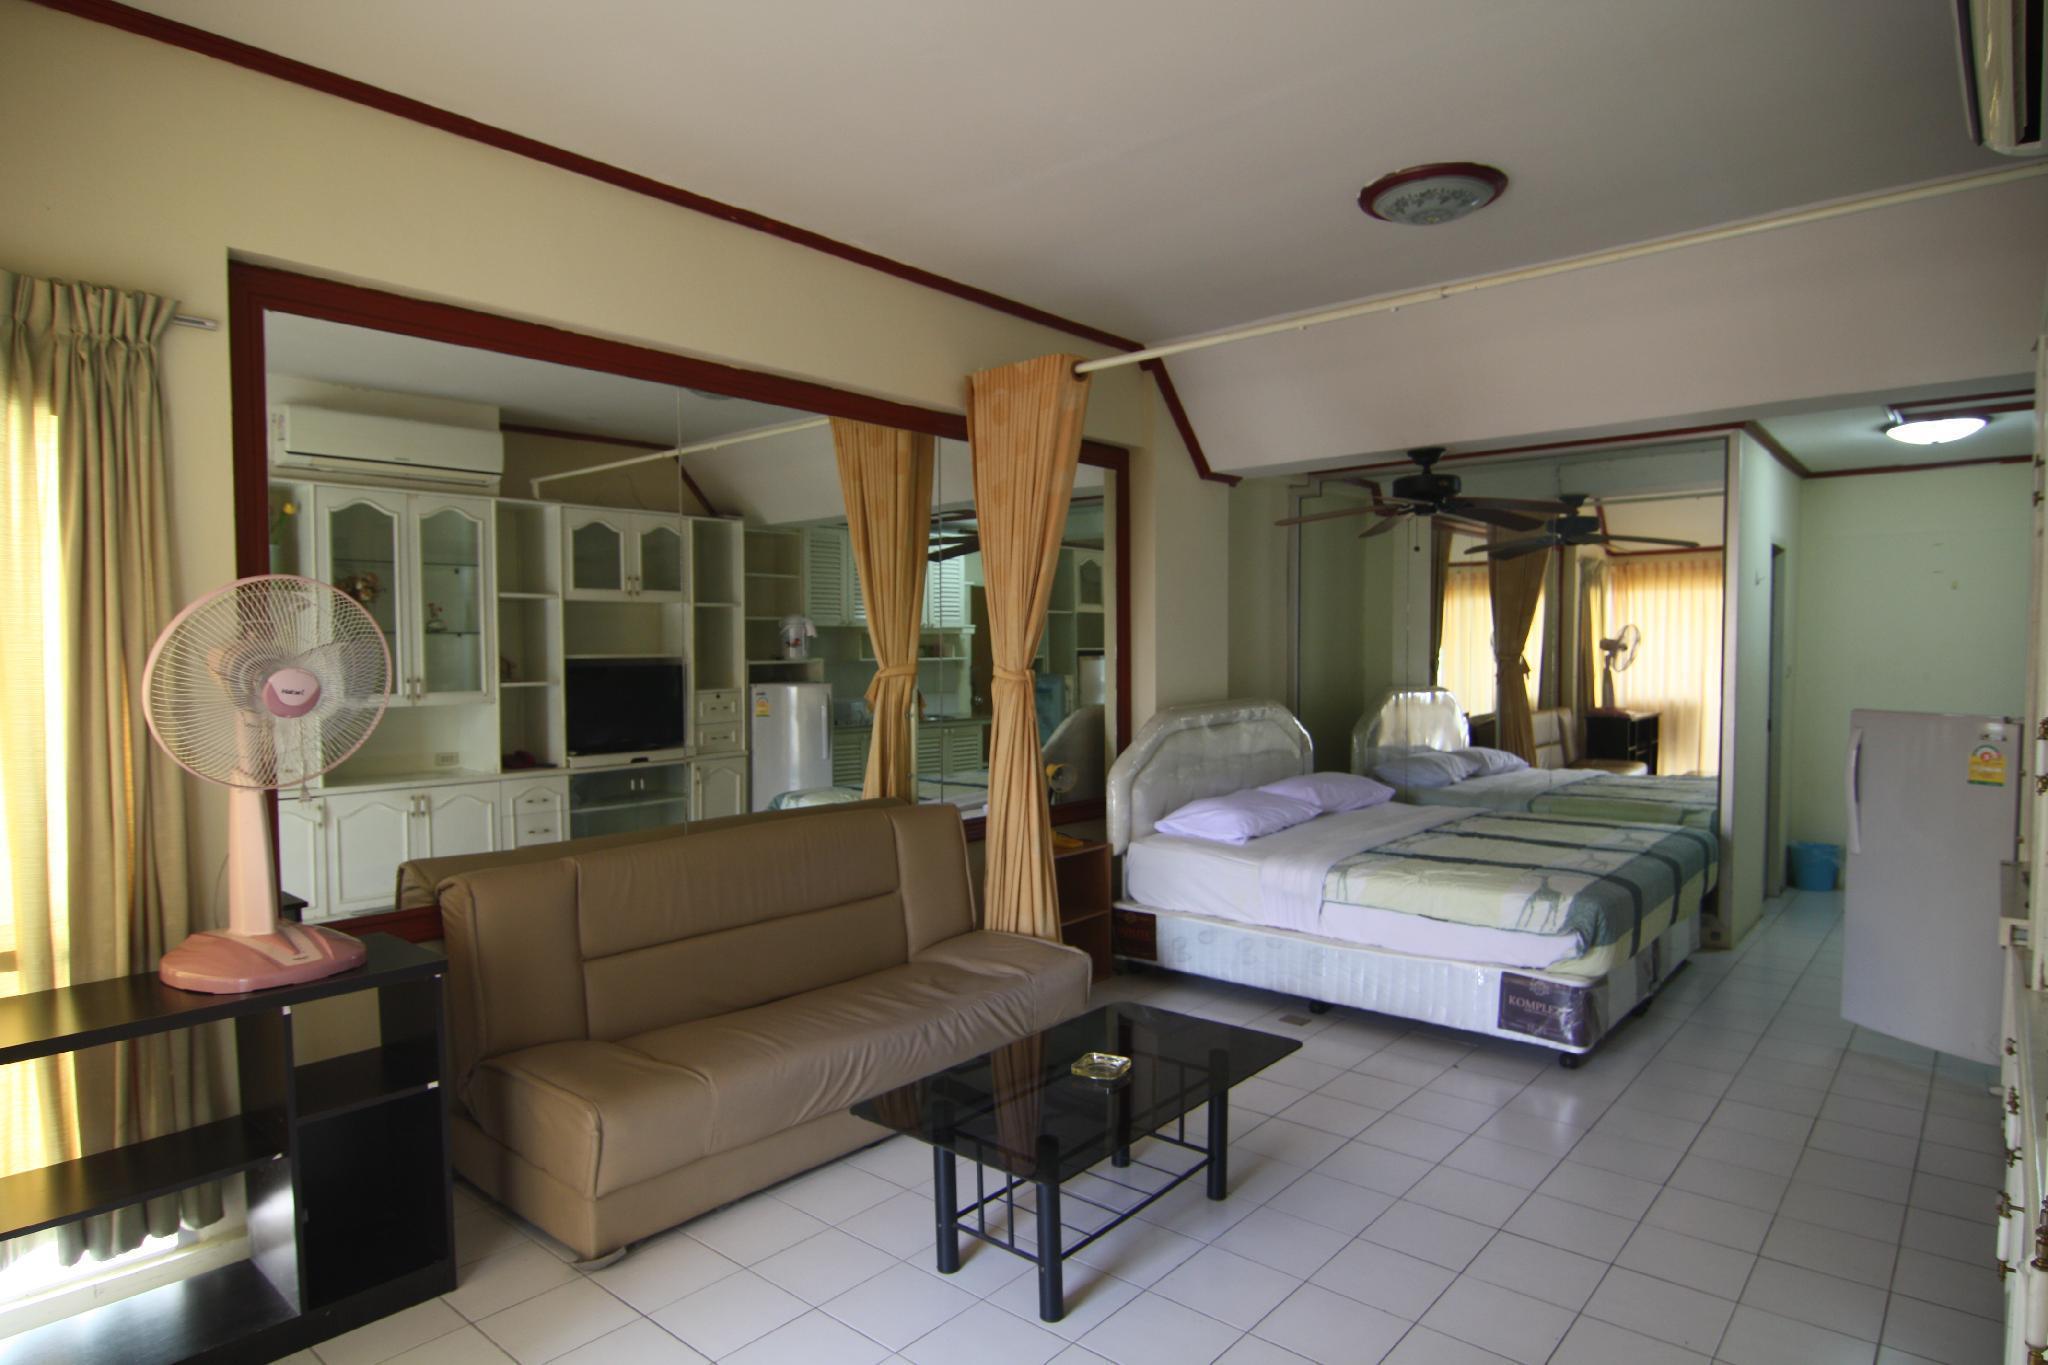 pattaya tower Room 507 สตูดิโอ อพาร์ตเมนต์ 1 ห้องน้ำส่วนตัว ขนาด 40 ตร.ม. – ถนนเลียบชายหาด